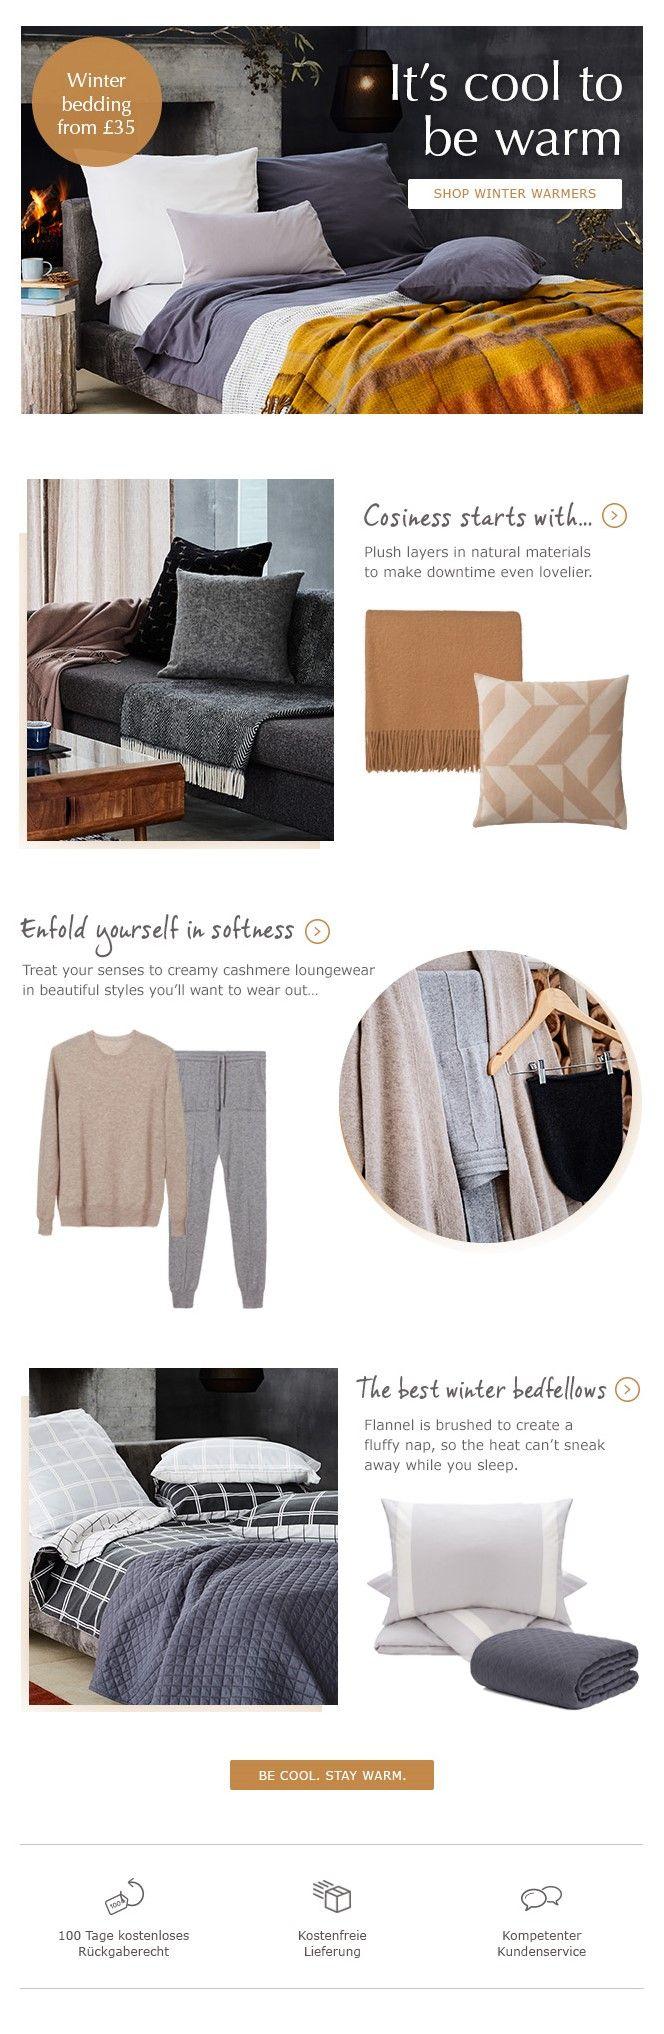 T Home Kundenservice 45 best urbanara newsletter design inspiration images on